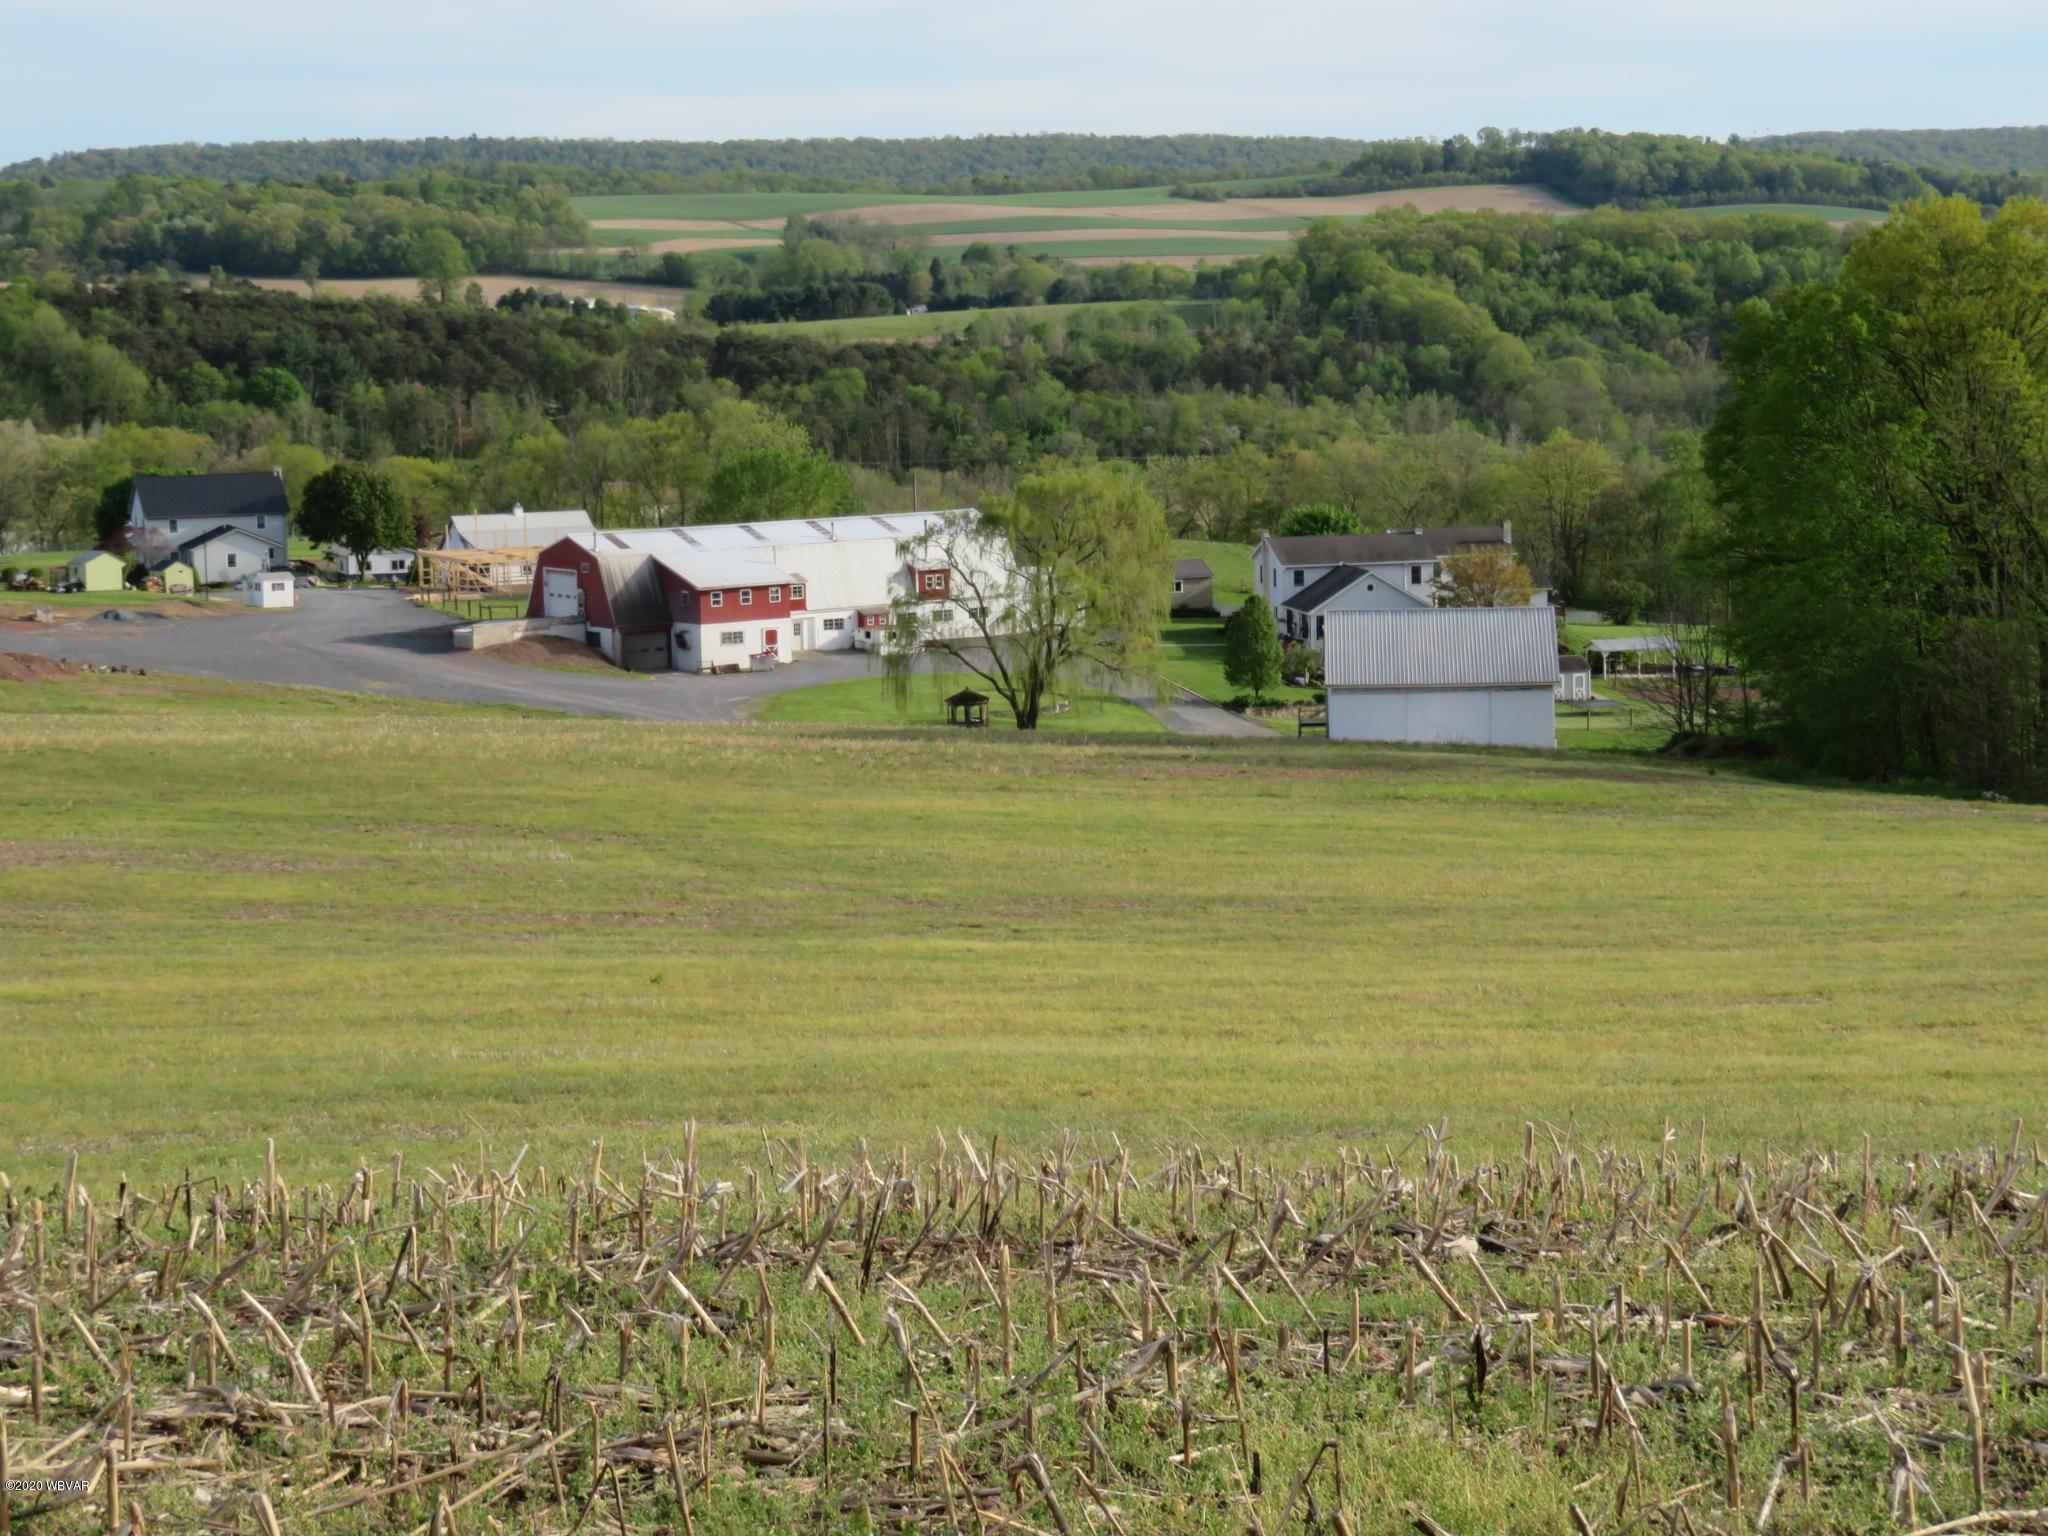 184 HIDDEN ACRES LANE, Dornsife, PA 17823, 9 Bedrooms Bedrooms, ,2 BathroomsBathrooms,Farm,For sale,HIDDEN ACRES,WB-89649